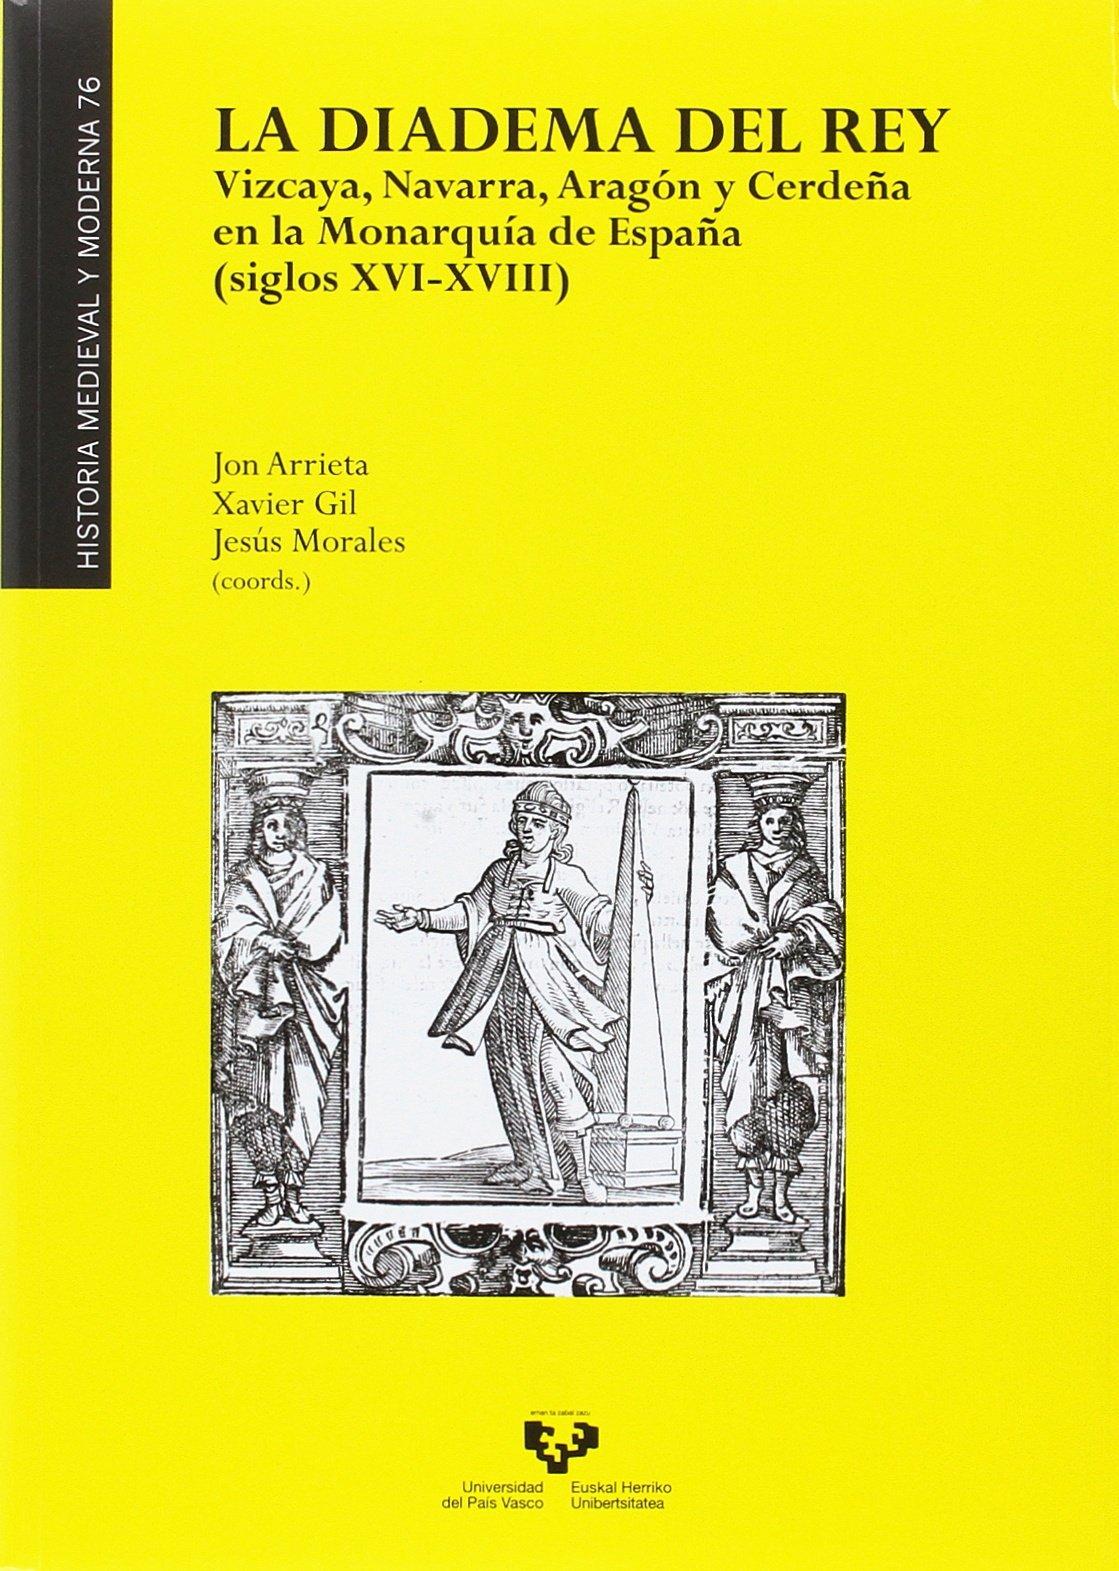 Diadema del Rey, La. Vizcaya, Navarra, Aragón y Cerdeña en la ...